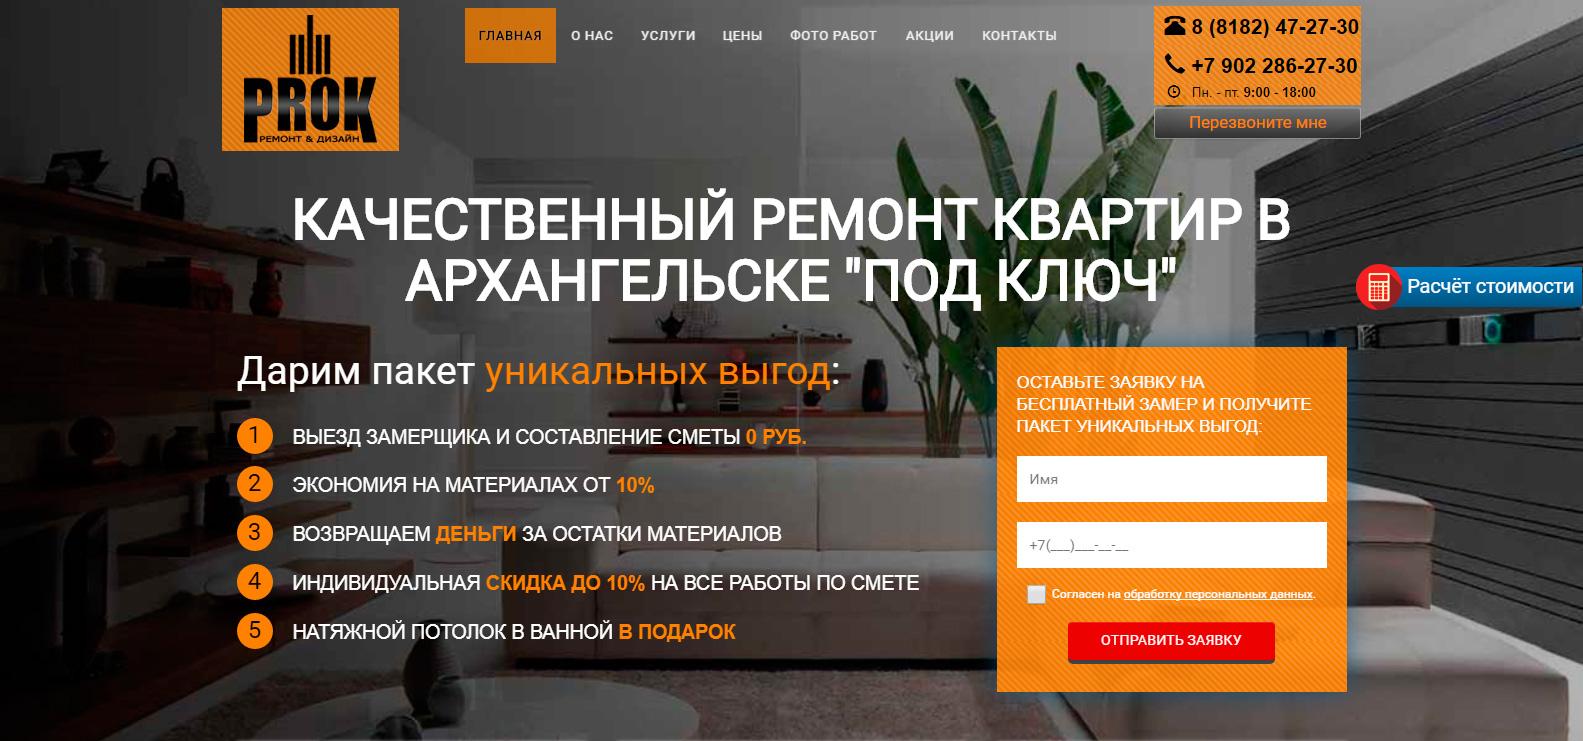 Монарх архангельск создание сайтов продвижение сайта вебмастер